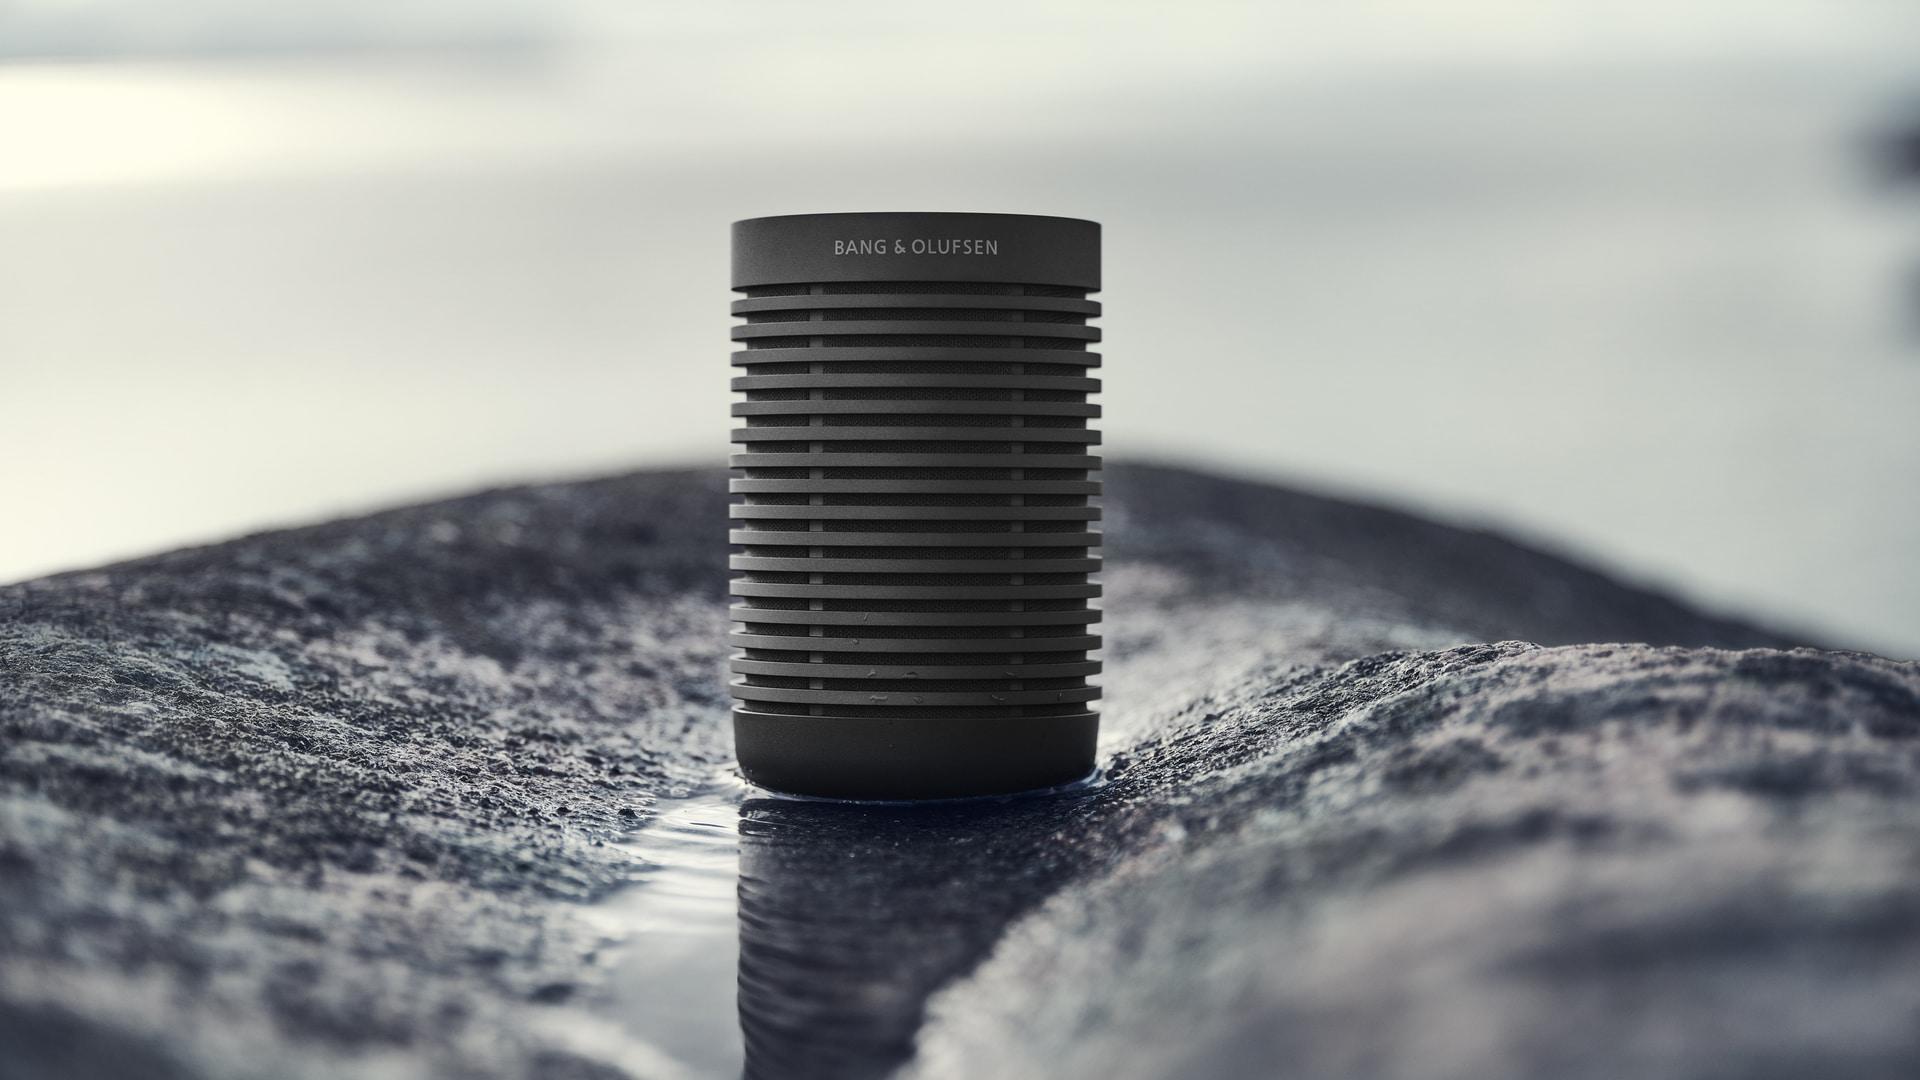 Bang & Olufsen commercialise la Beosound Explore, leur toute première enceinte équipé du Bluetooth 5.2.